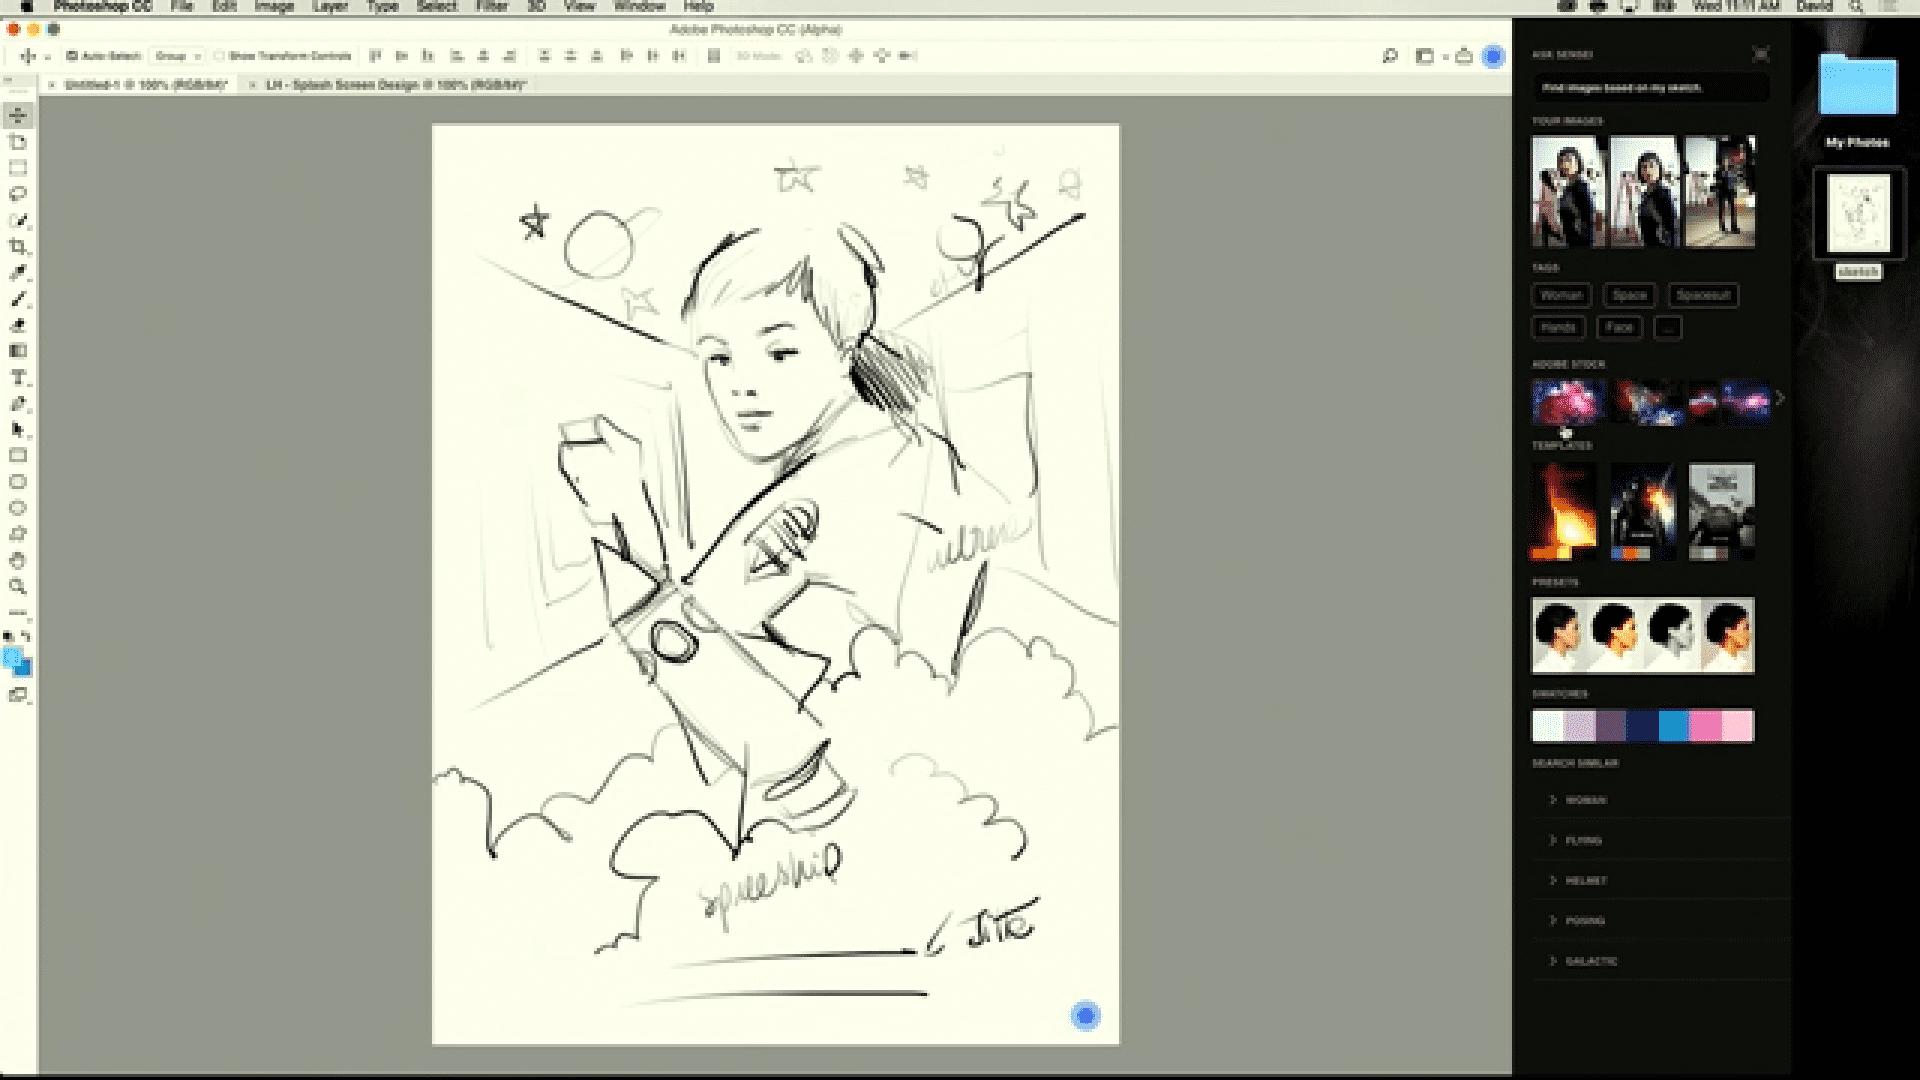 Nach Analyse der Skizze schlägt Sensei verschiedene Fotos vor.